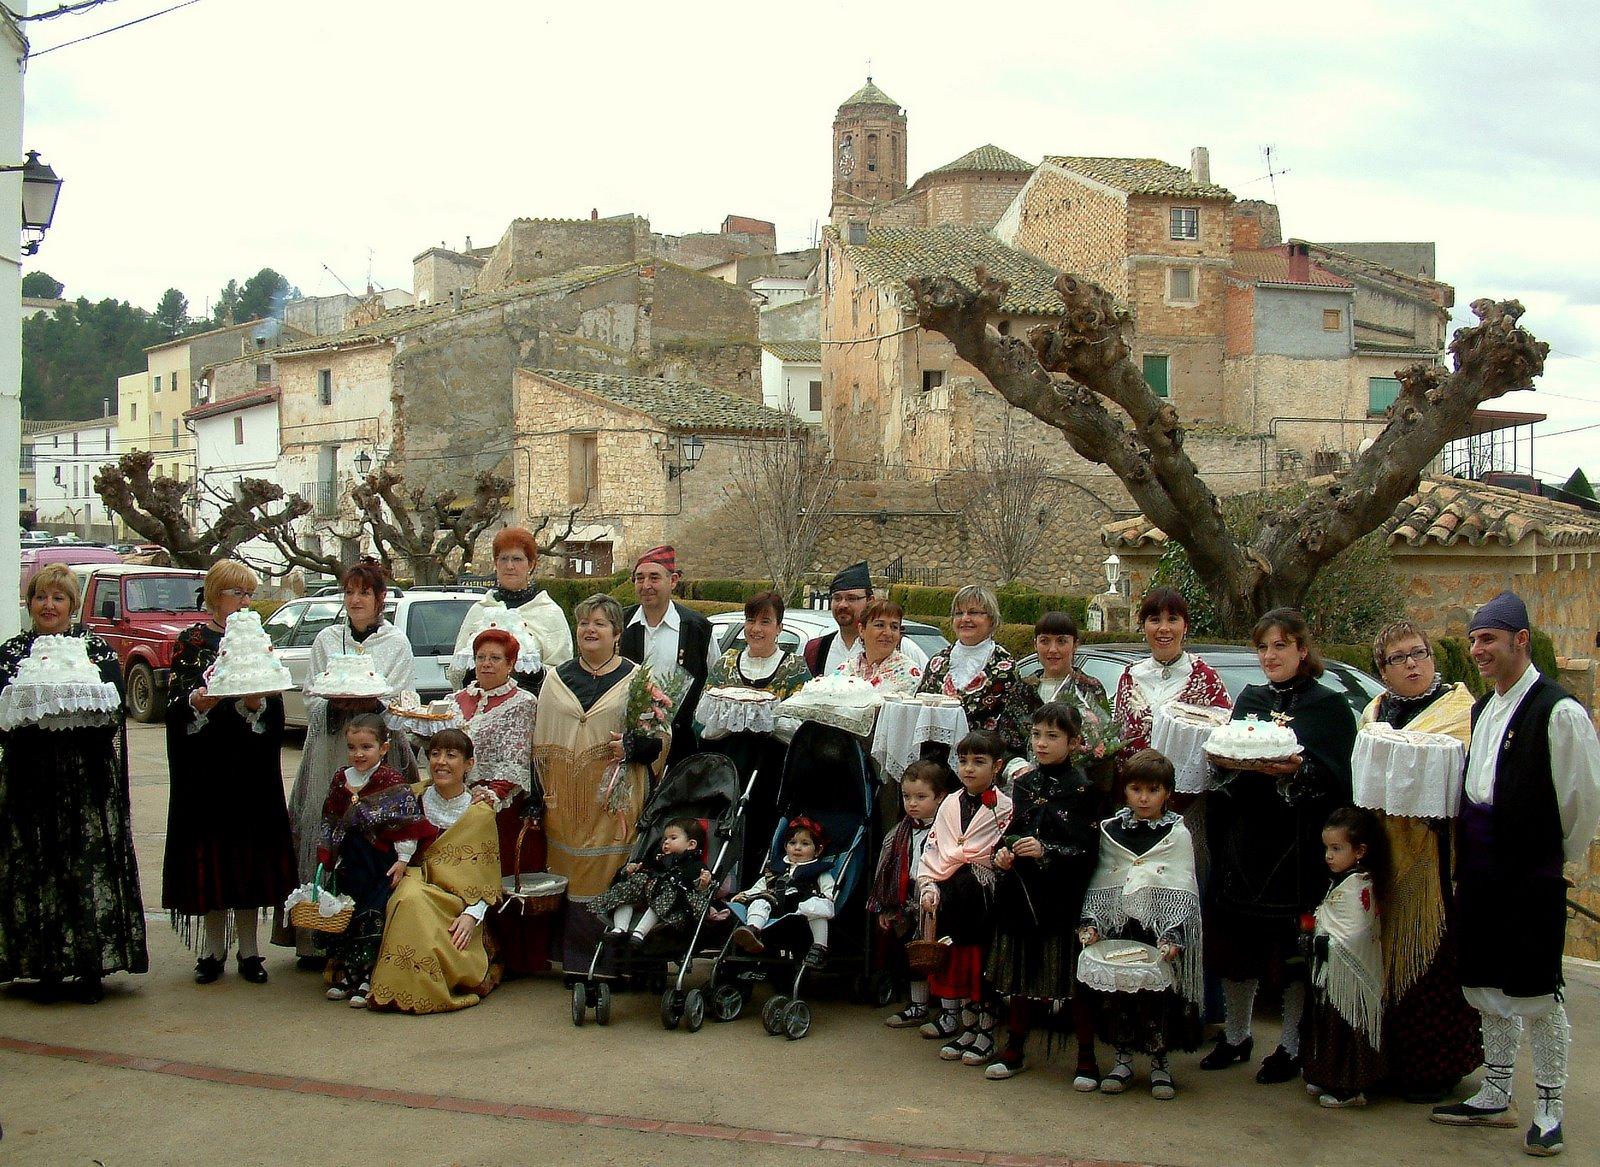 Foto de familia; procesión de San Valero 2009 >> pincha para verla en la galería.